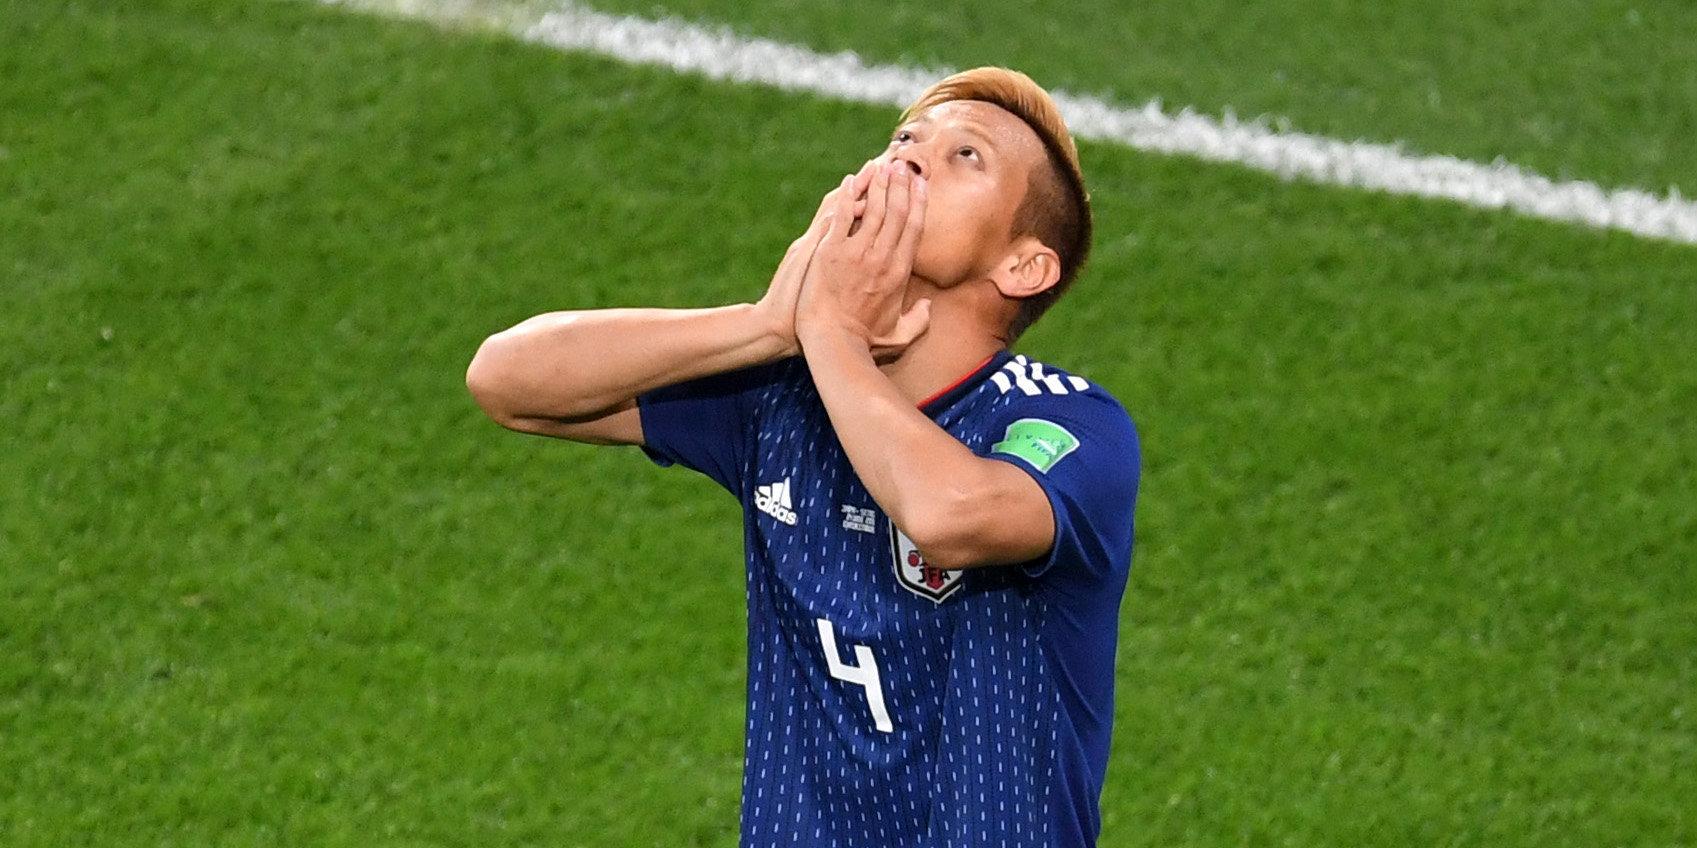 e856962c597a5 Хонда снова - герой Японии, а Польша сенсационно вылетела с турнира. Как  это было